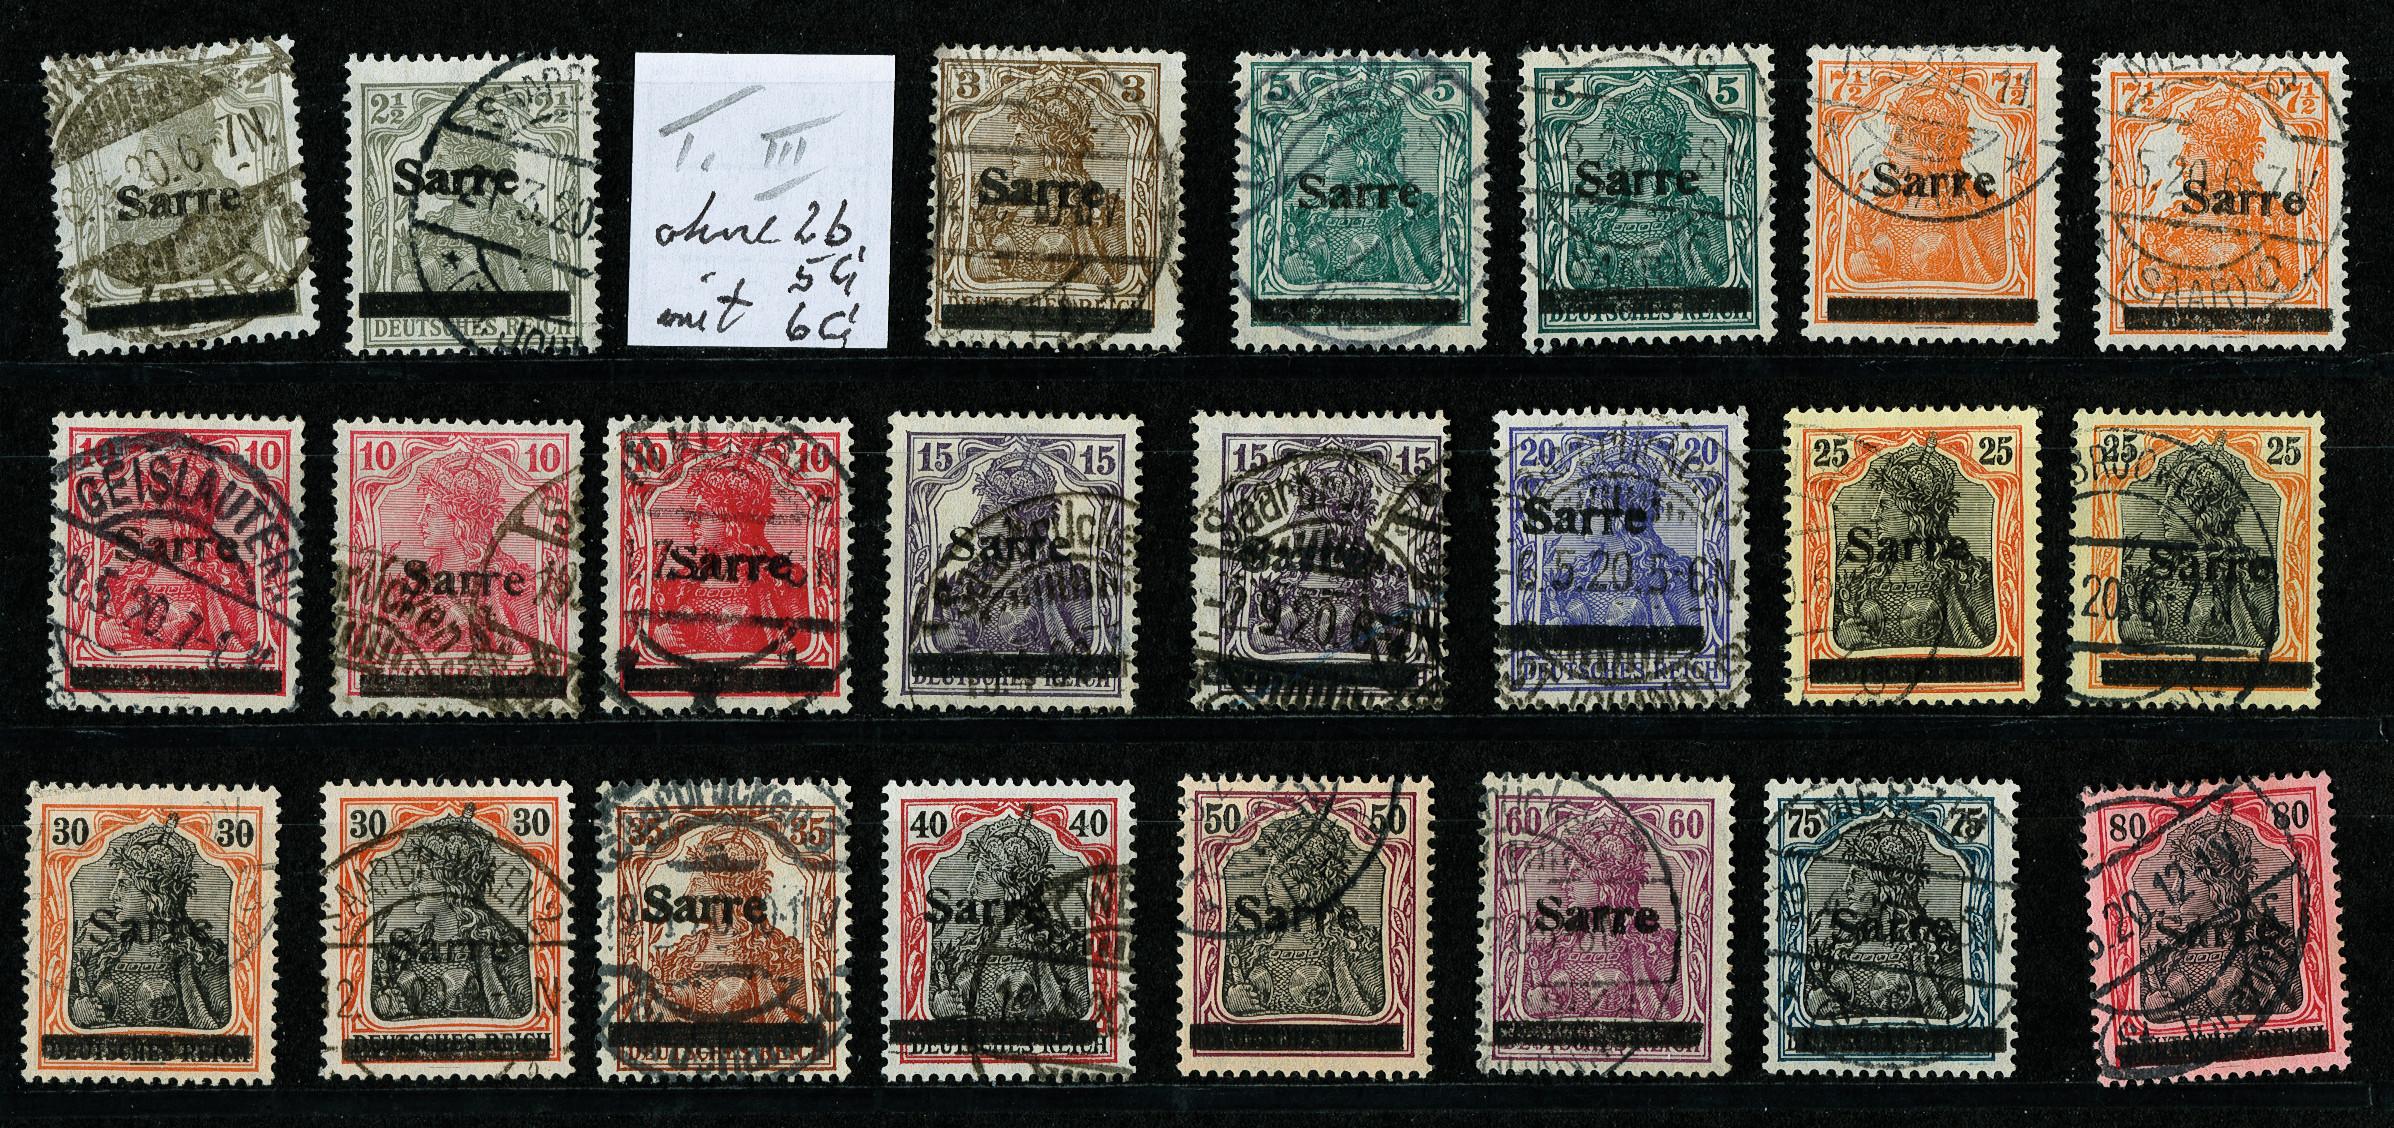 Lot 1974 - Main catalogue saar -  Heinrich Koehler Auktionen Auction #371- Day 4